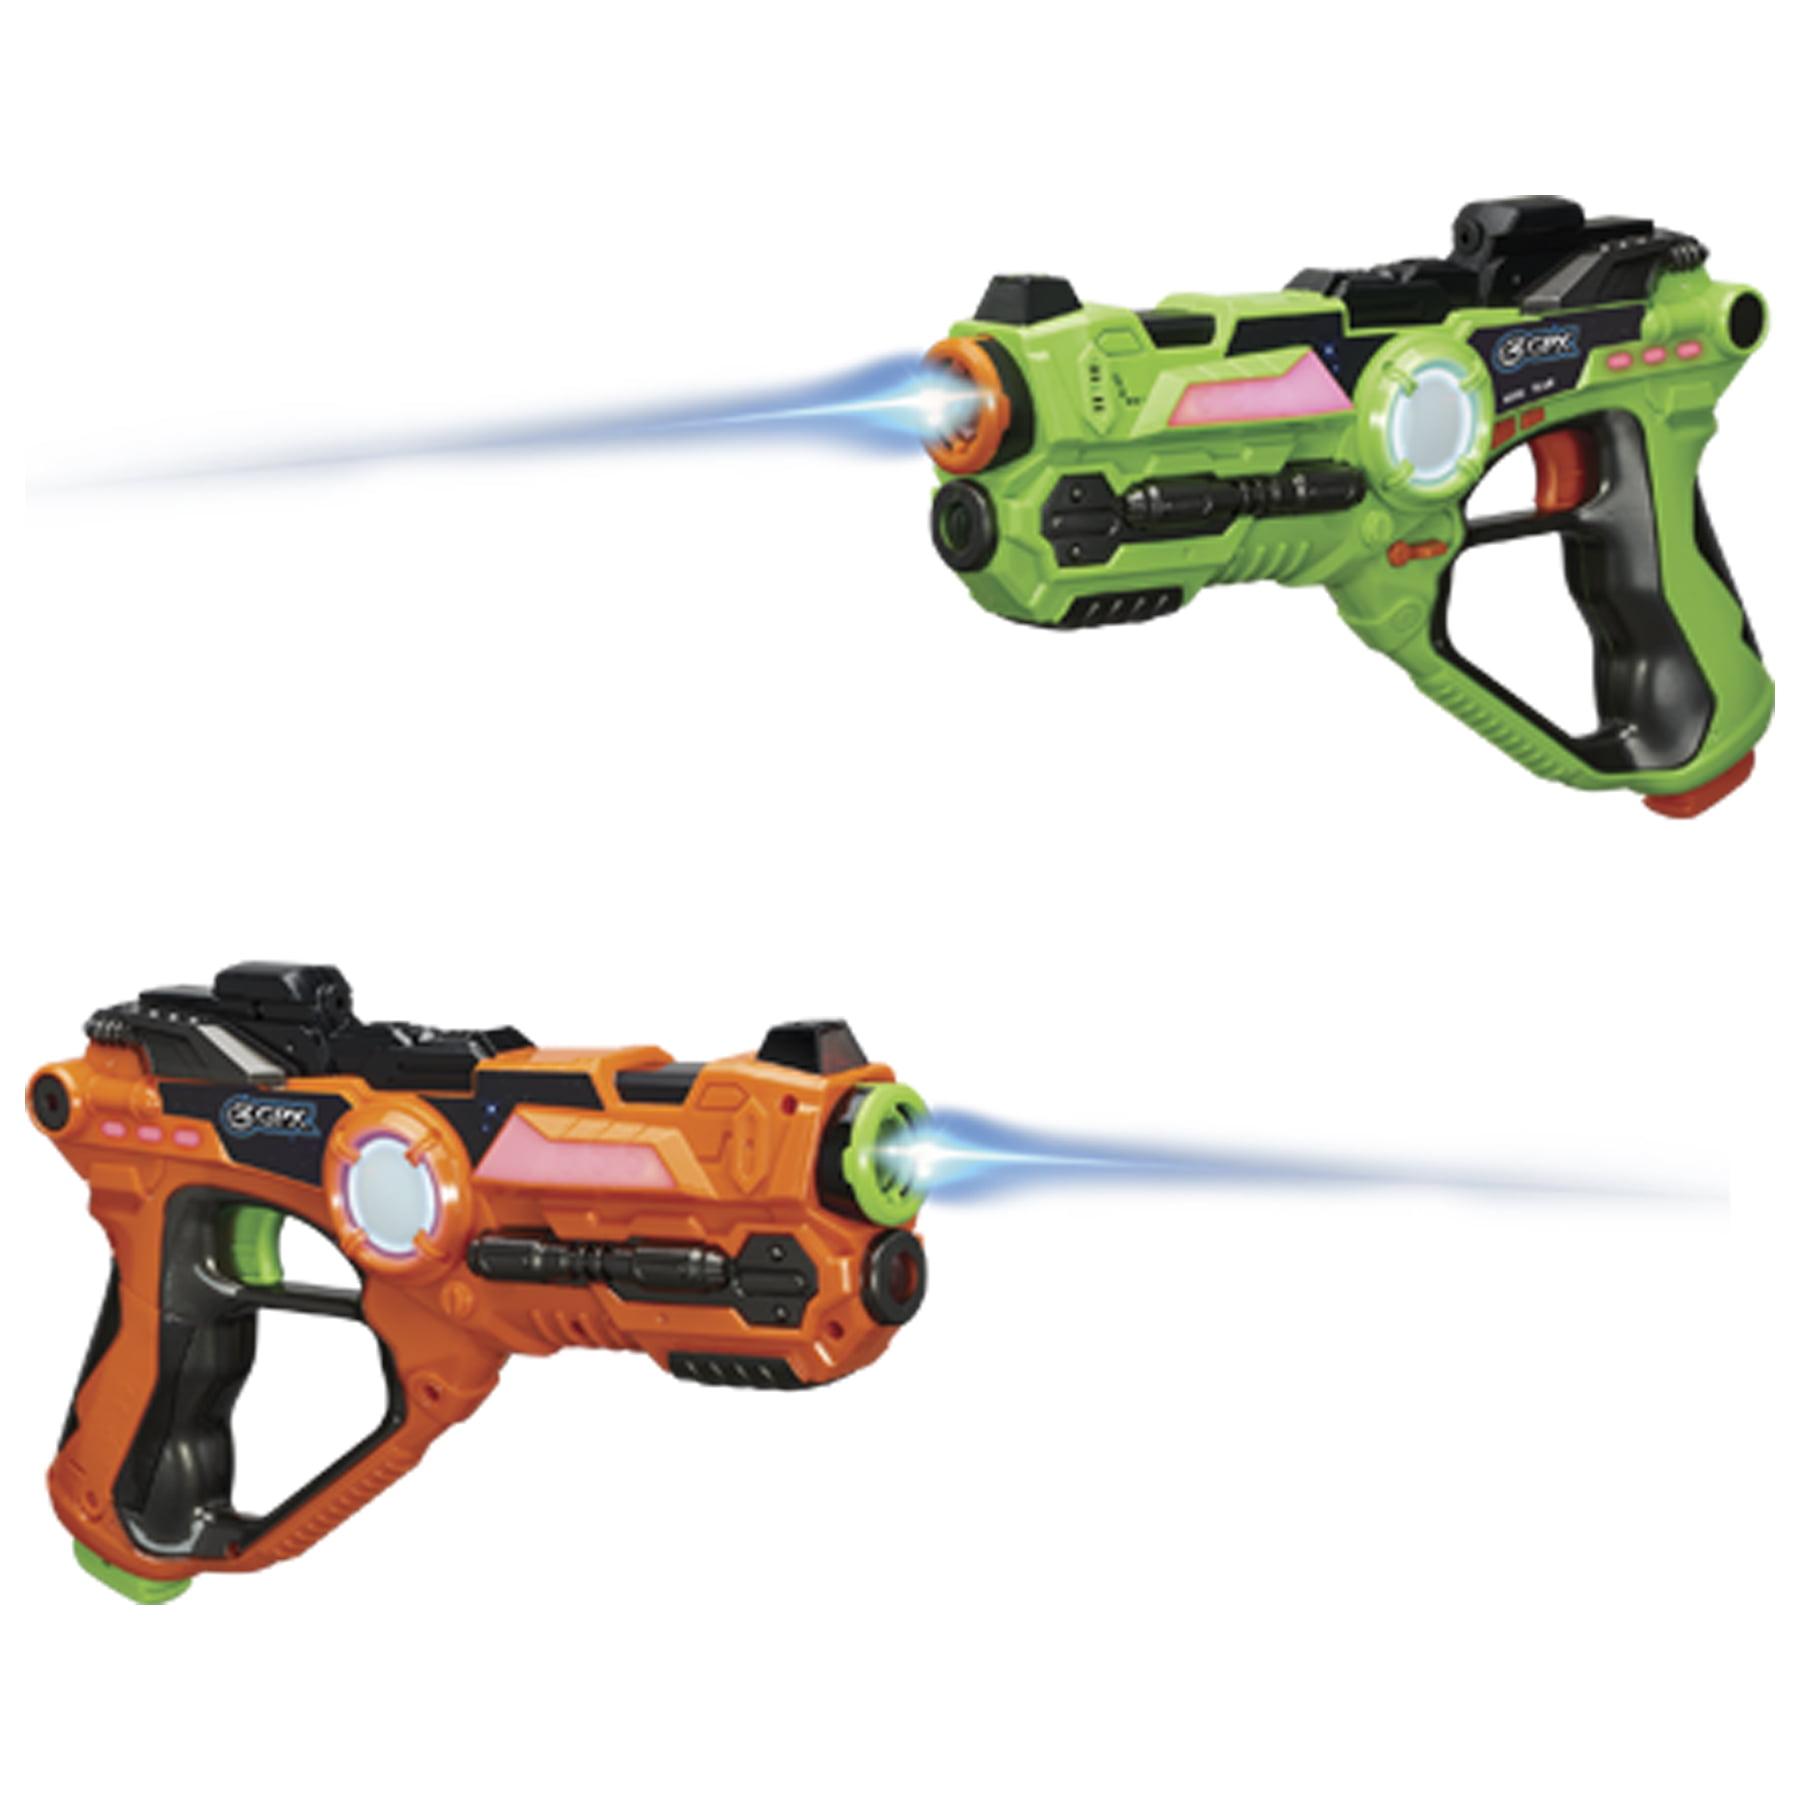 GPX Laser Tag Blaster, Set of 2, LT258